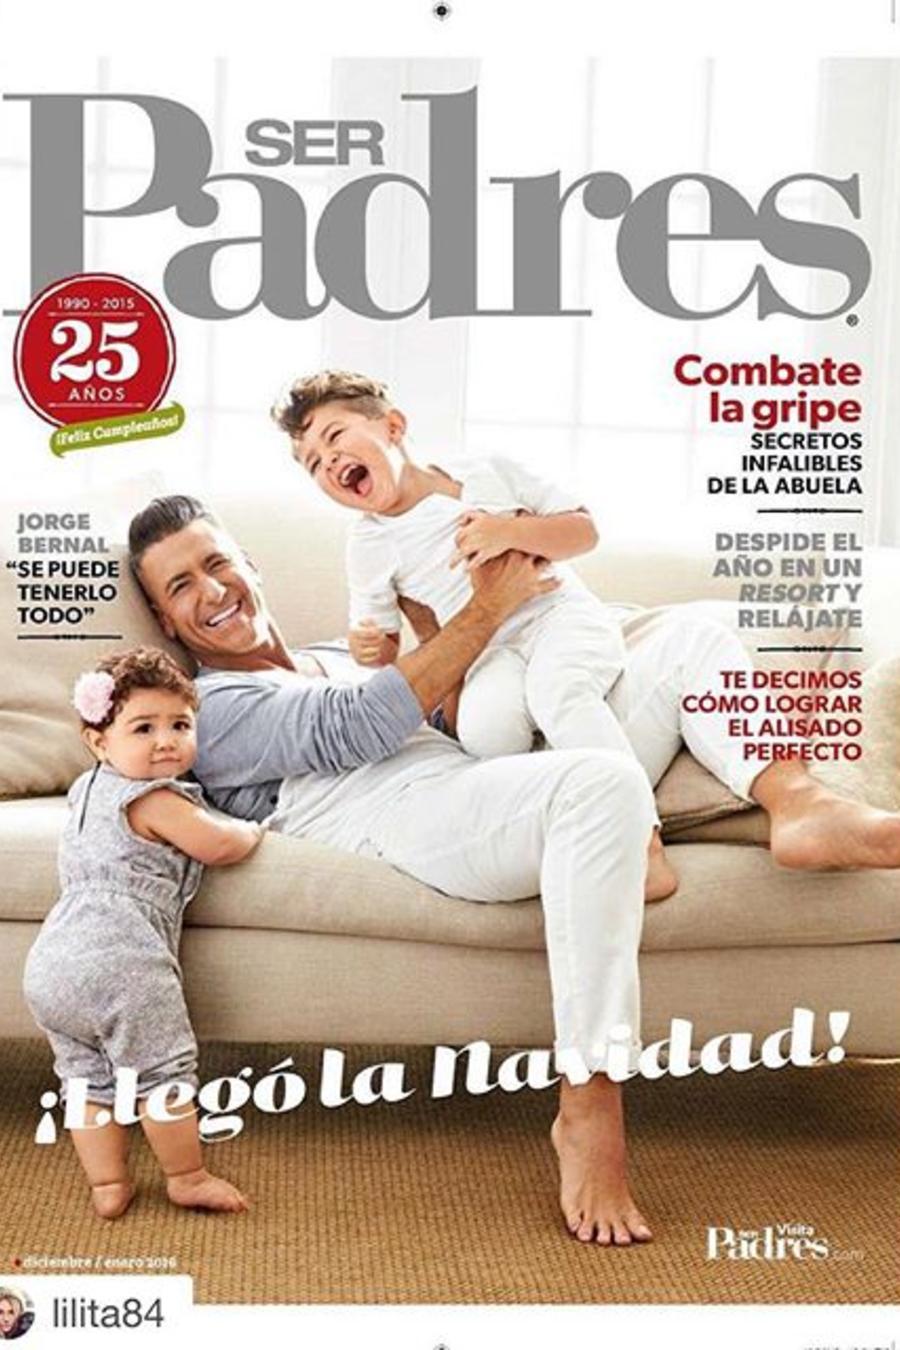 Jorge Bernal nos muestra porque disfruta cada instante el ser padre de estos dos niños.